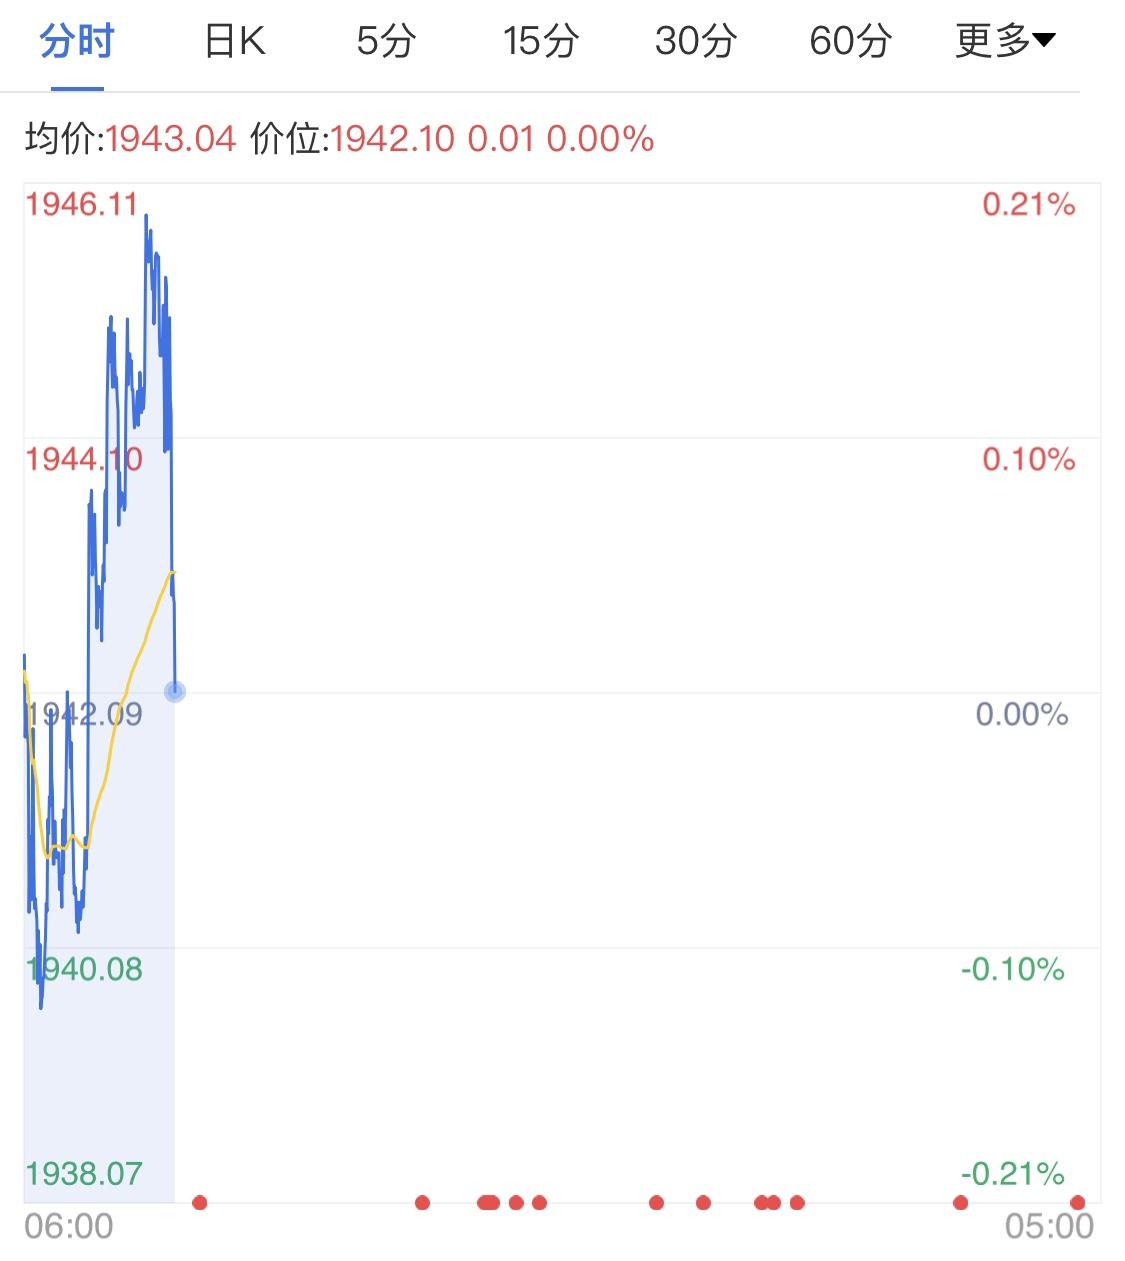 小非农数据优于预期 黄金价格小跌震荡